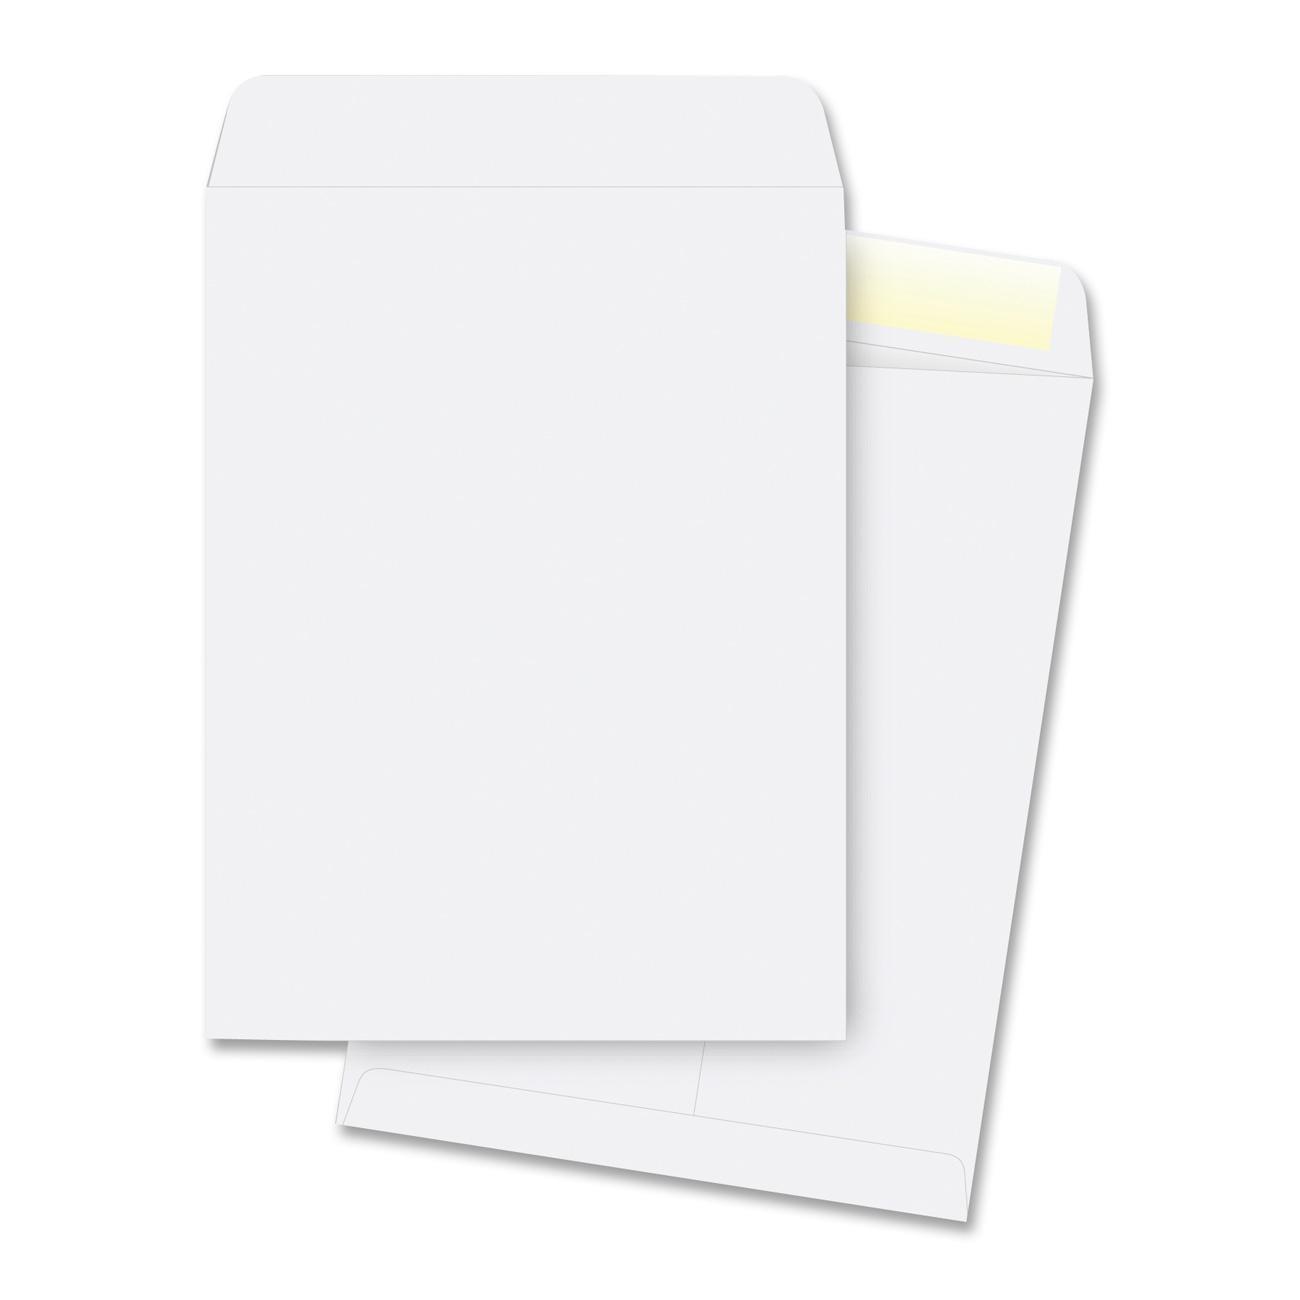 Φάκελα 25x35 λευκά κούτα 250 τεμάχια αυτοκόλλητα